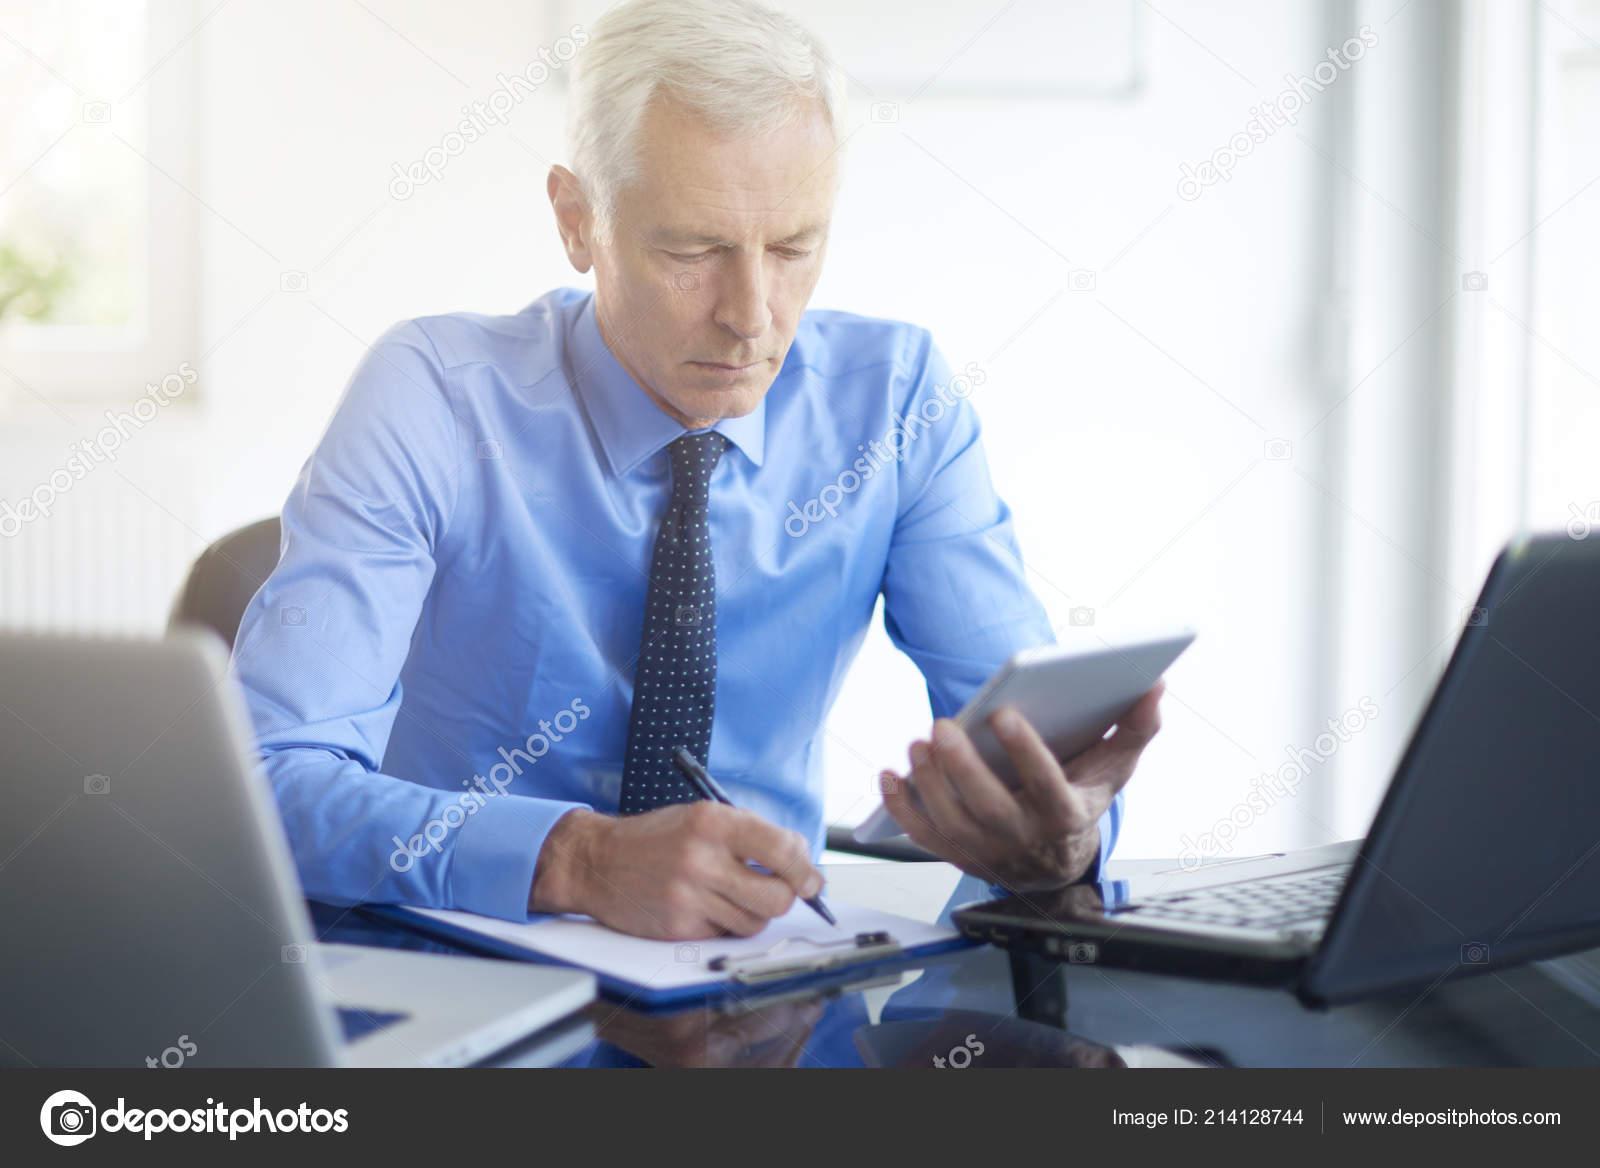 Vue adulte homme affaires aide gadgets bureau moderne u2014 photographie